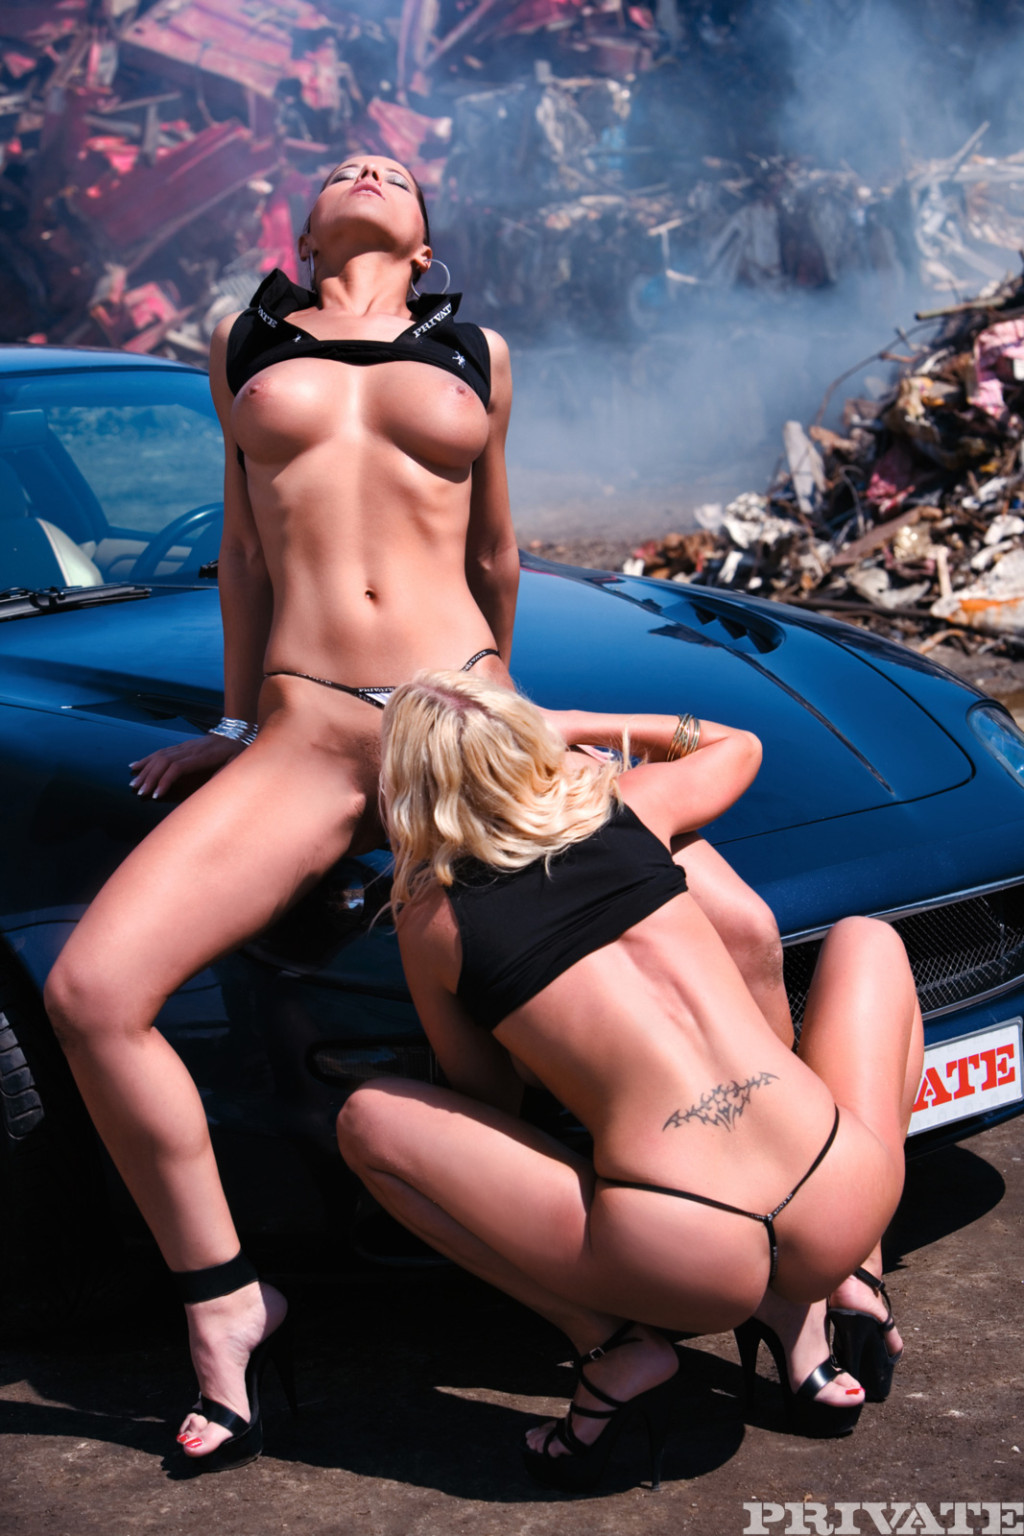 Lesbians seducing boobs